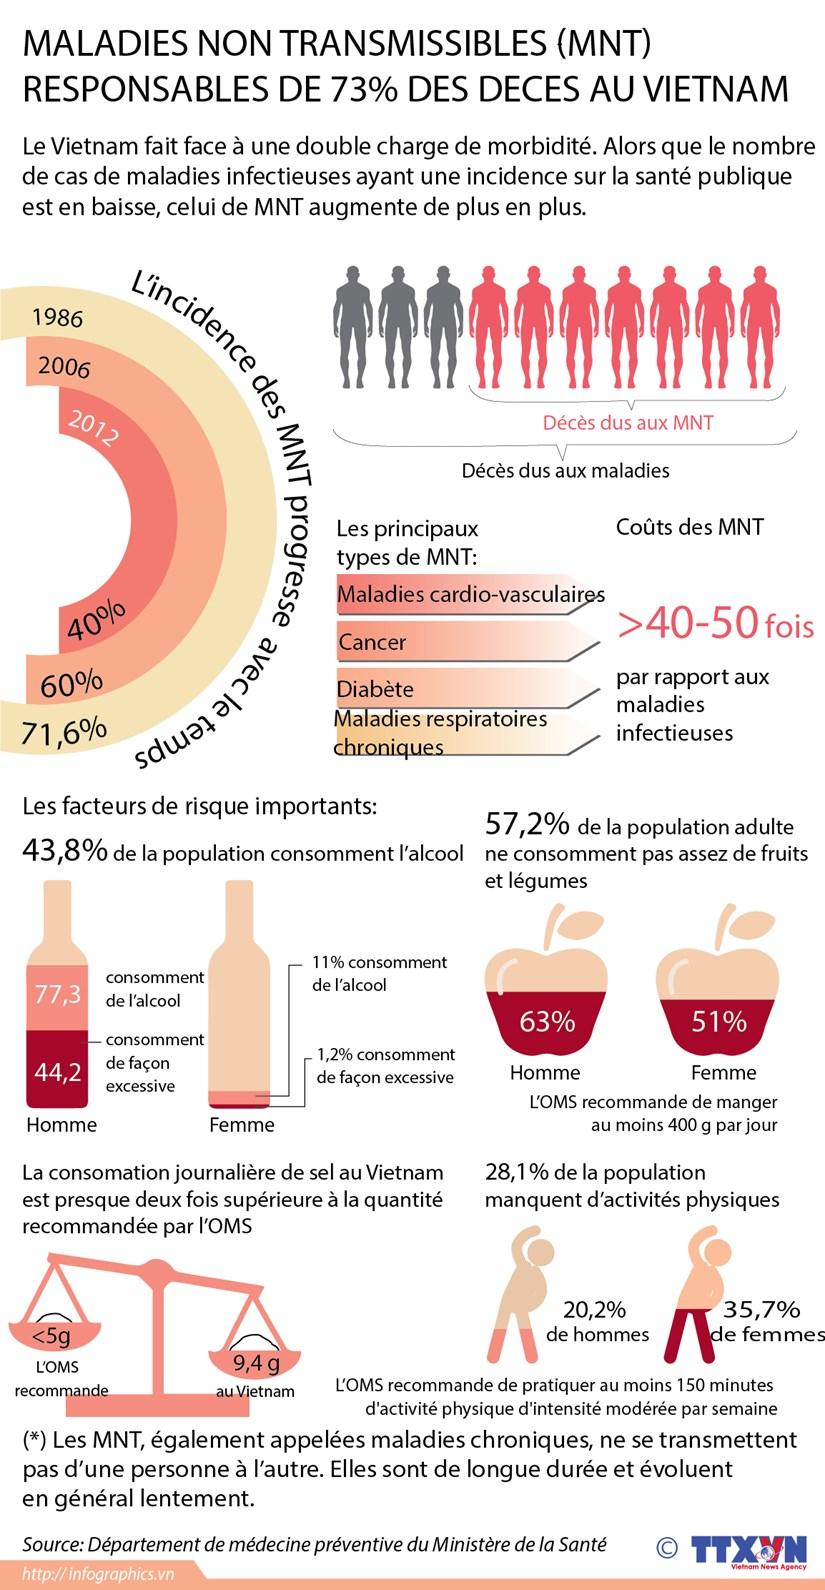 Les maladies non transmissibles responsables de 73% des deces au Vietnam hinh anh 1